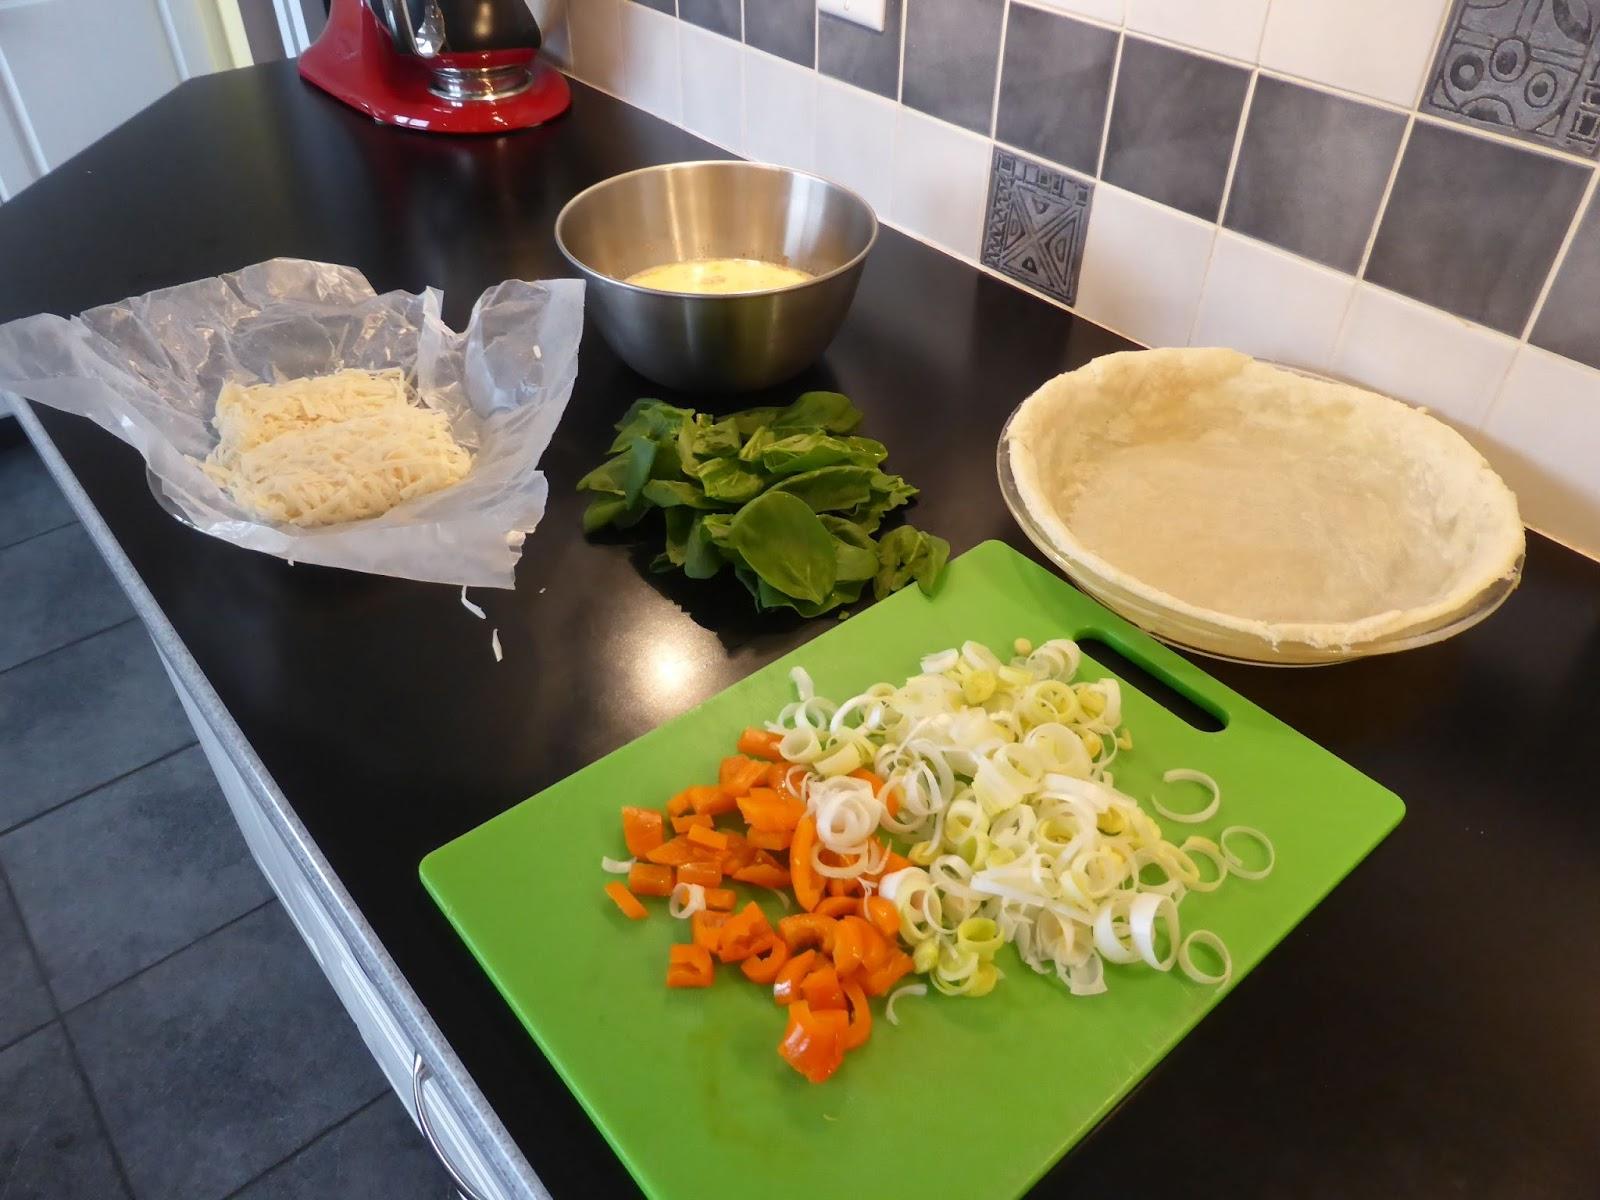 Et la vie continue avril 2017 for Allez cuisine translation